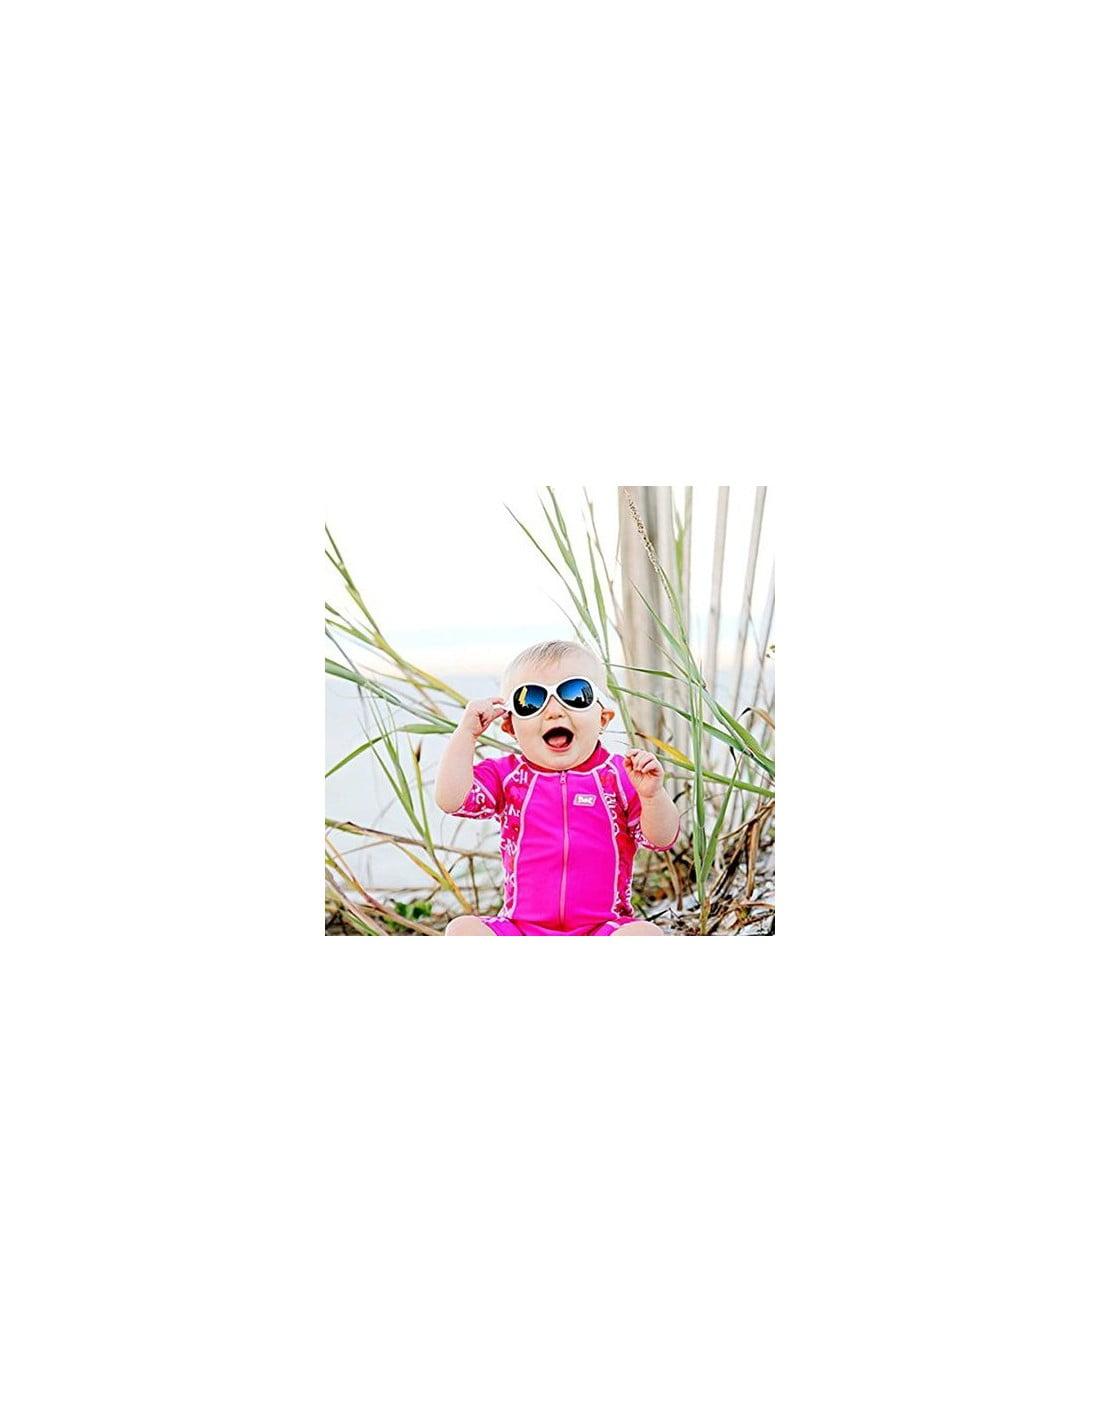 Ochelari de soare Bebe 2-5 ani Retro Oval Pink Diva Banz 3